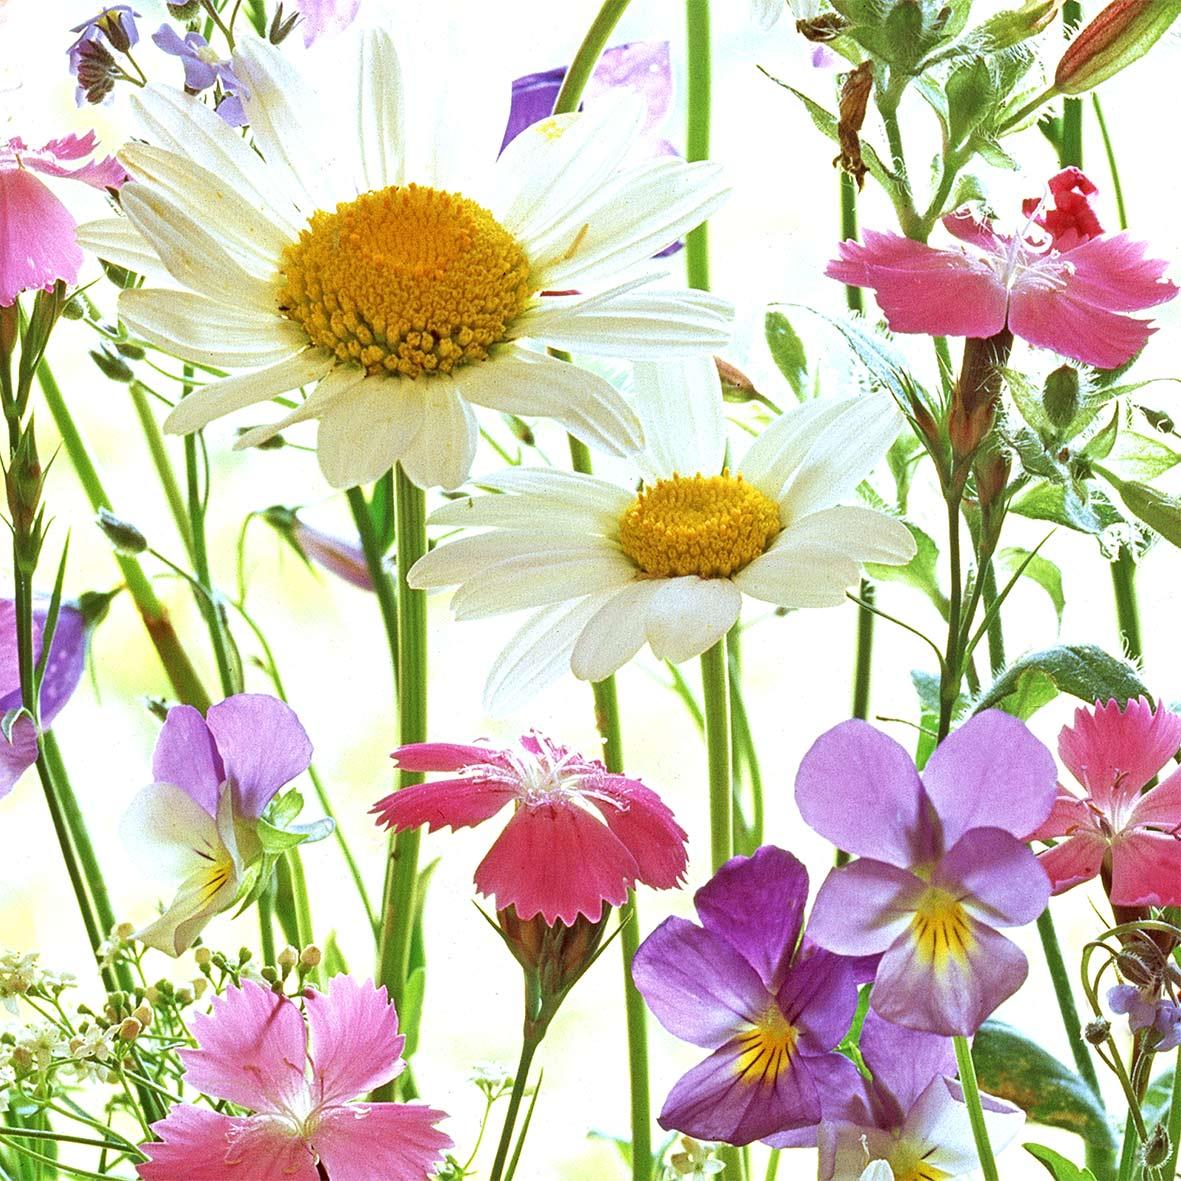 Flower Field 33x33 cm